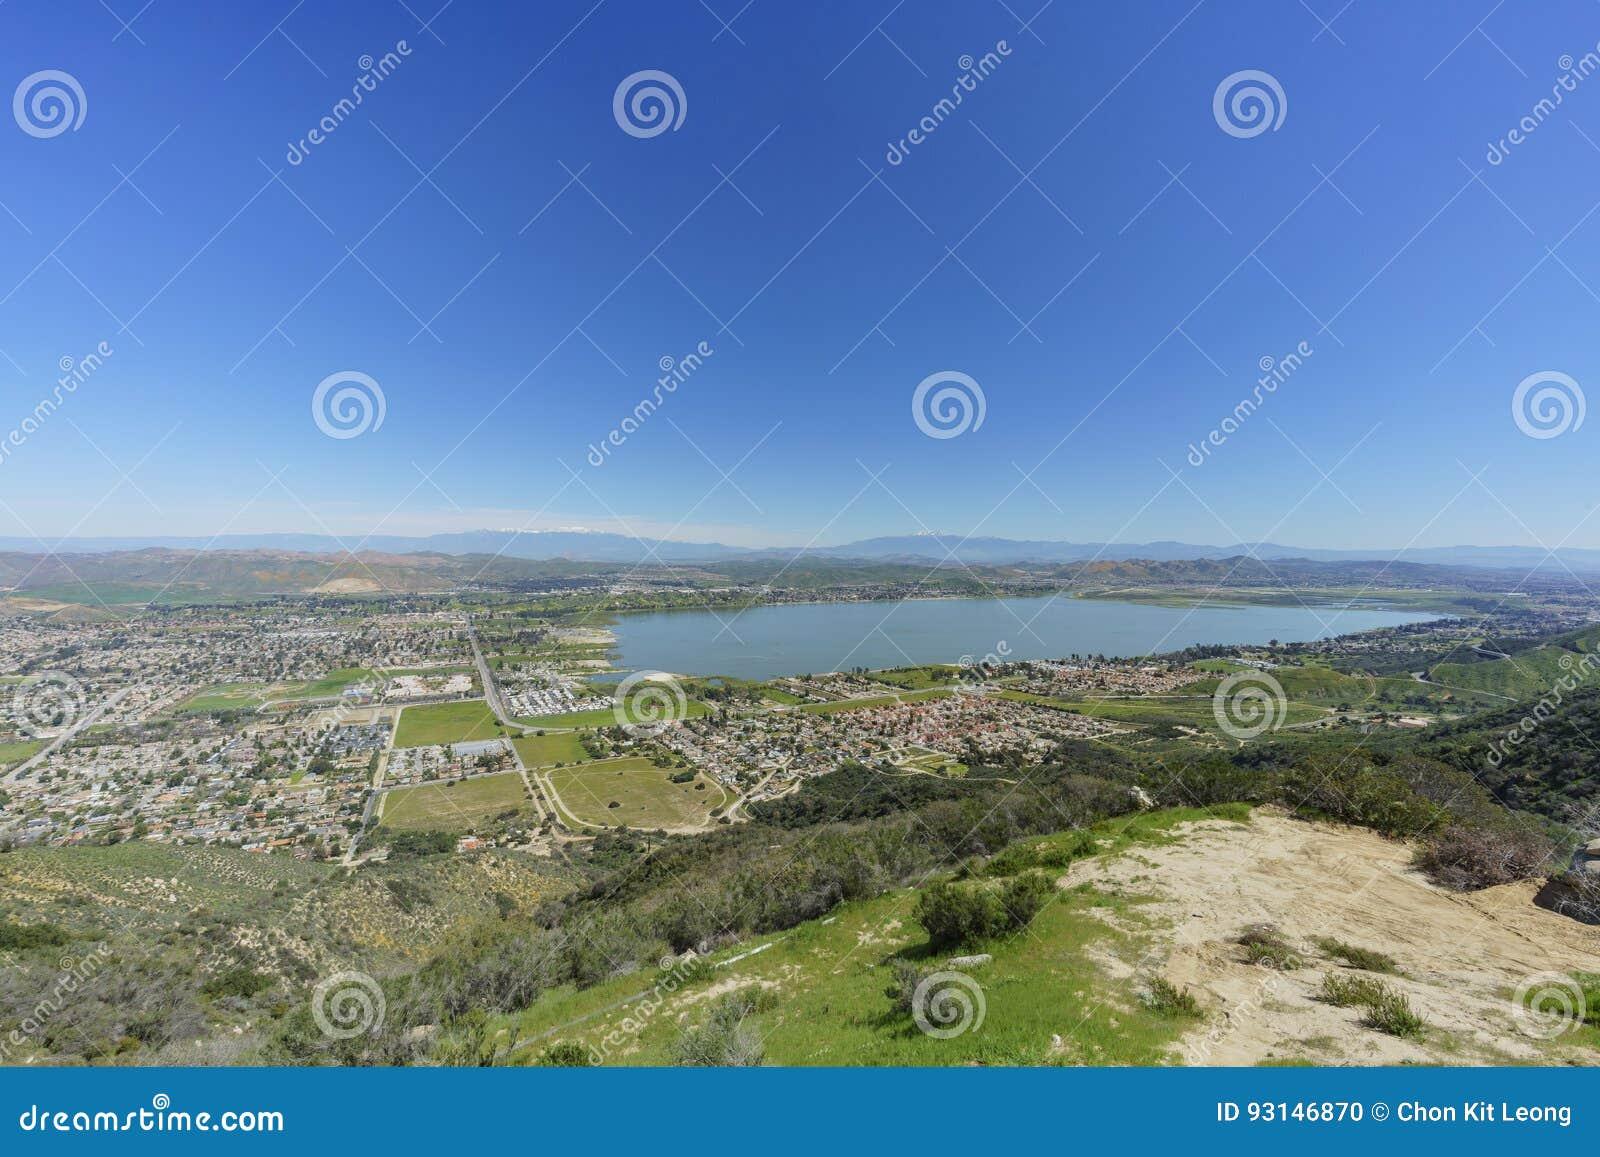 Εναέρια άποψη της λίμνης Elsinore